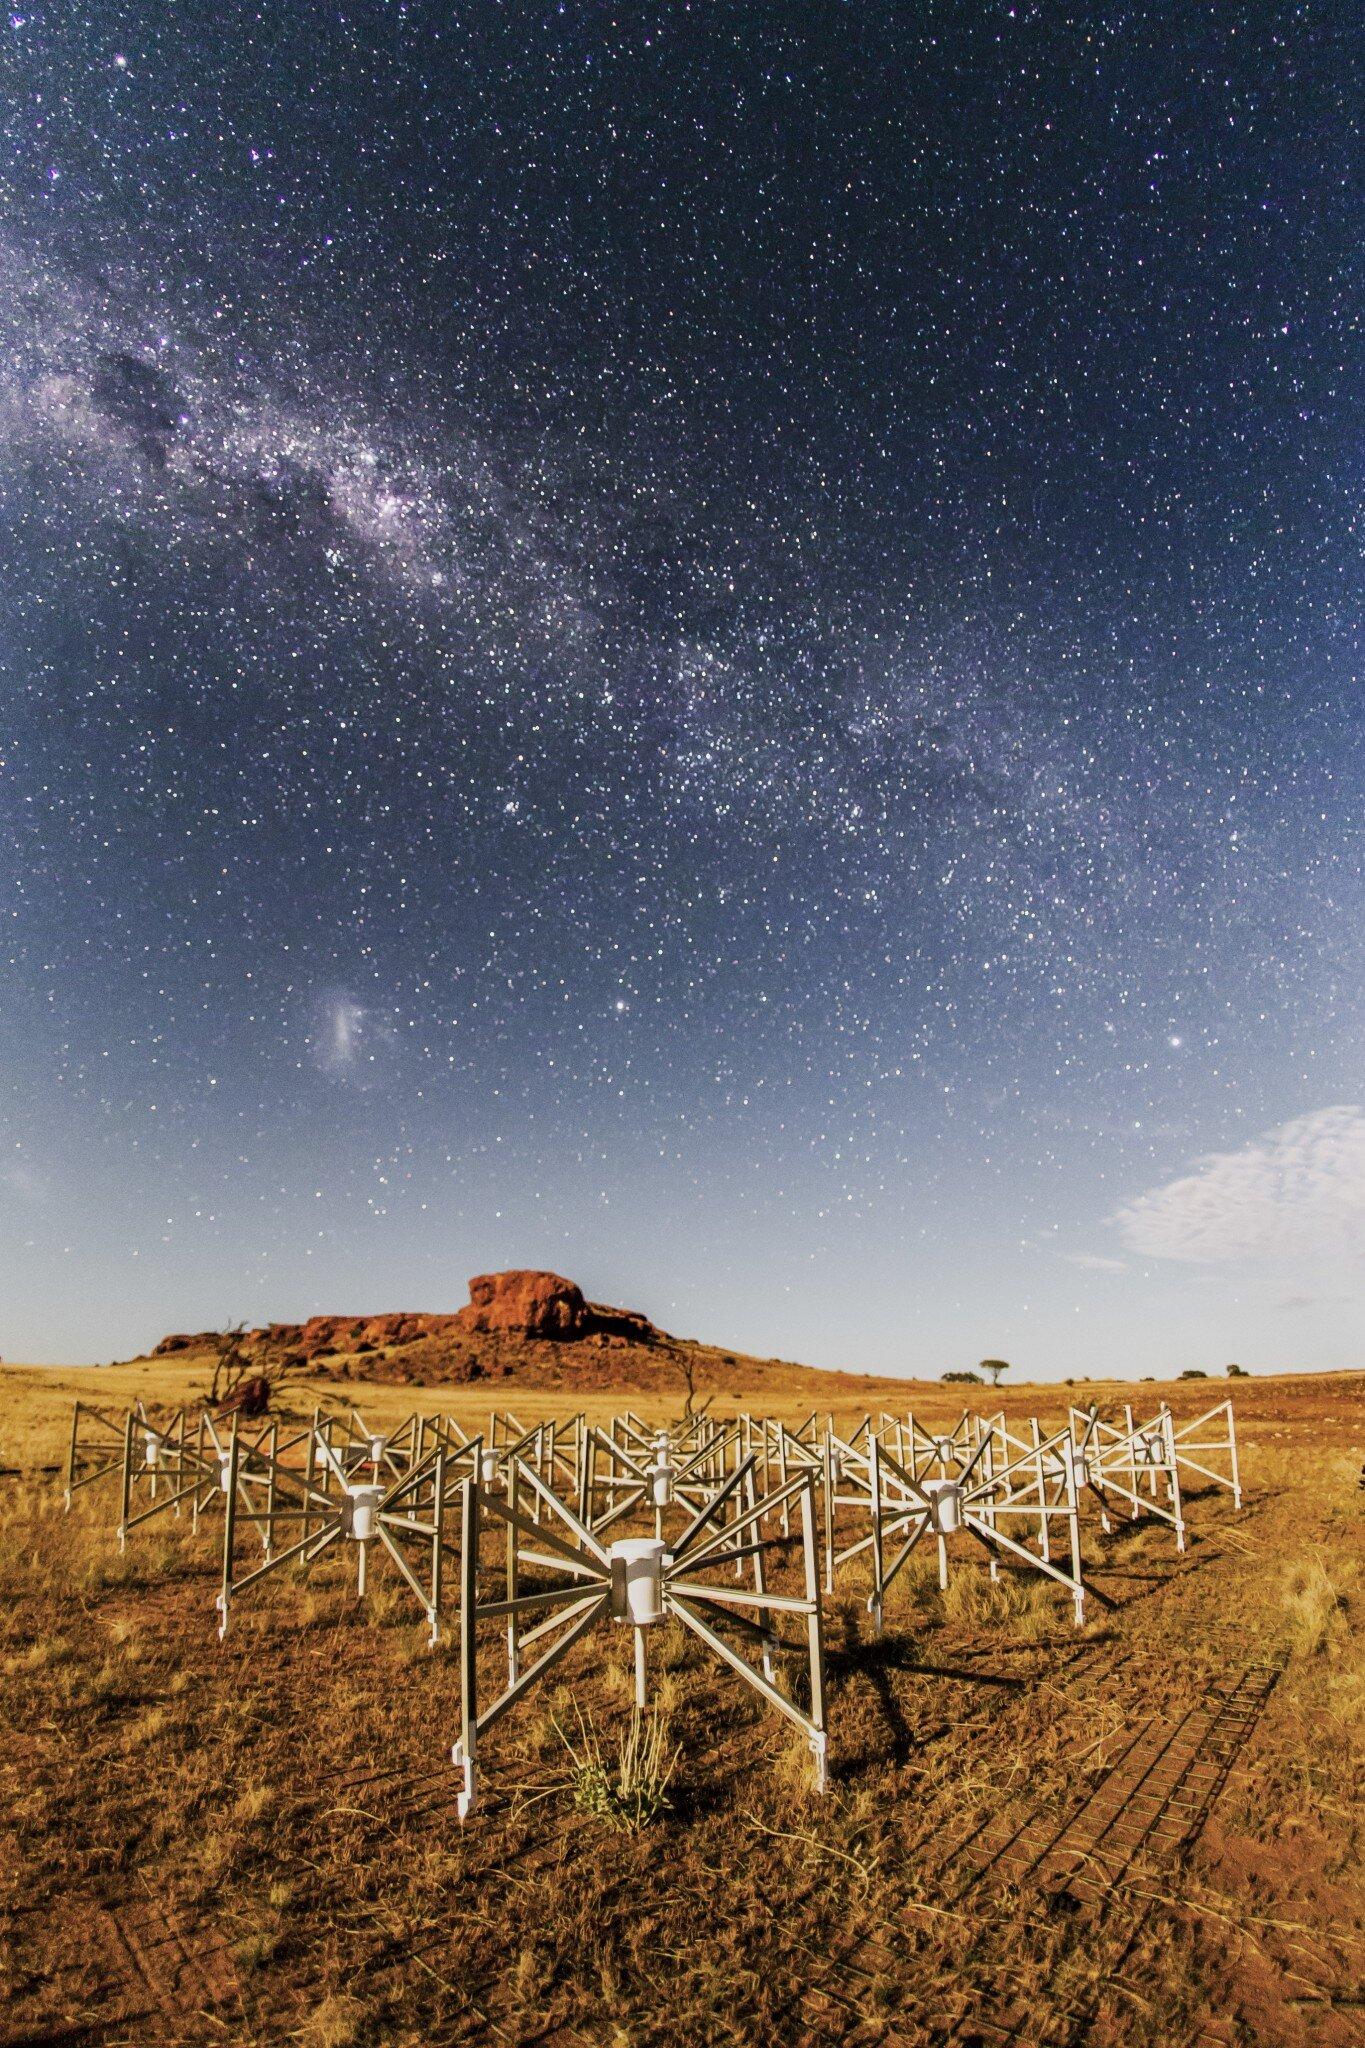 An external radio telescope discovers a dense, spinning, dead star